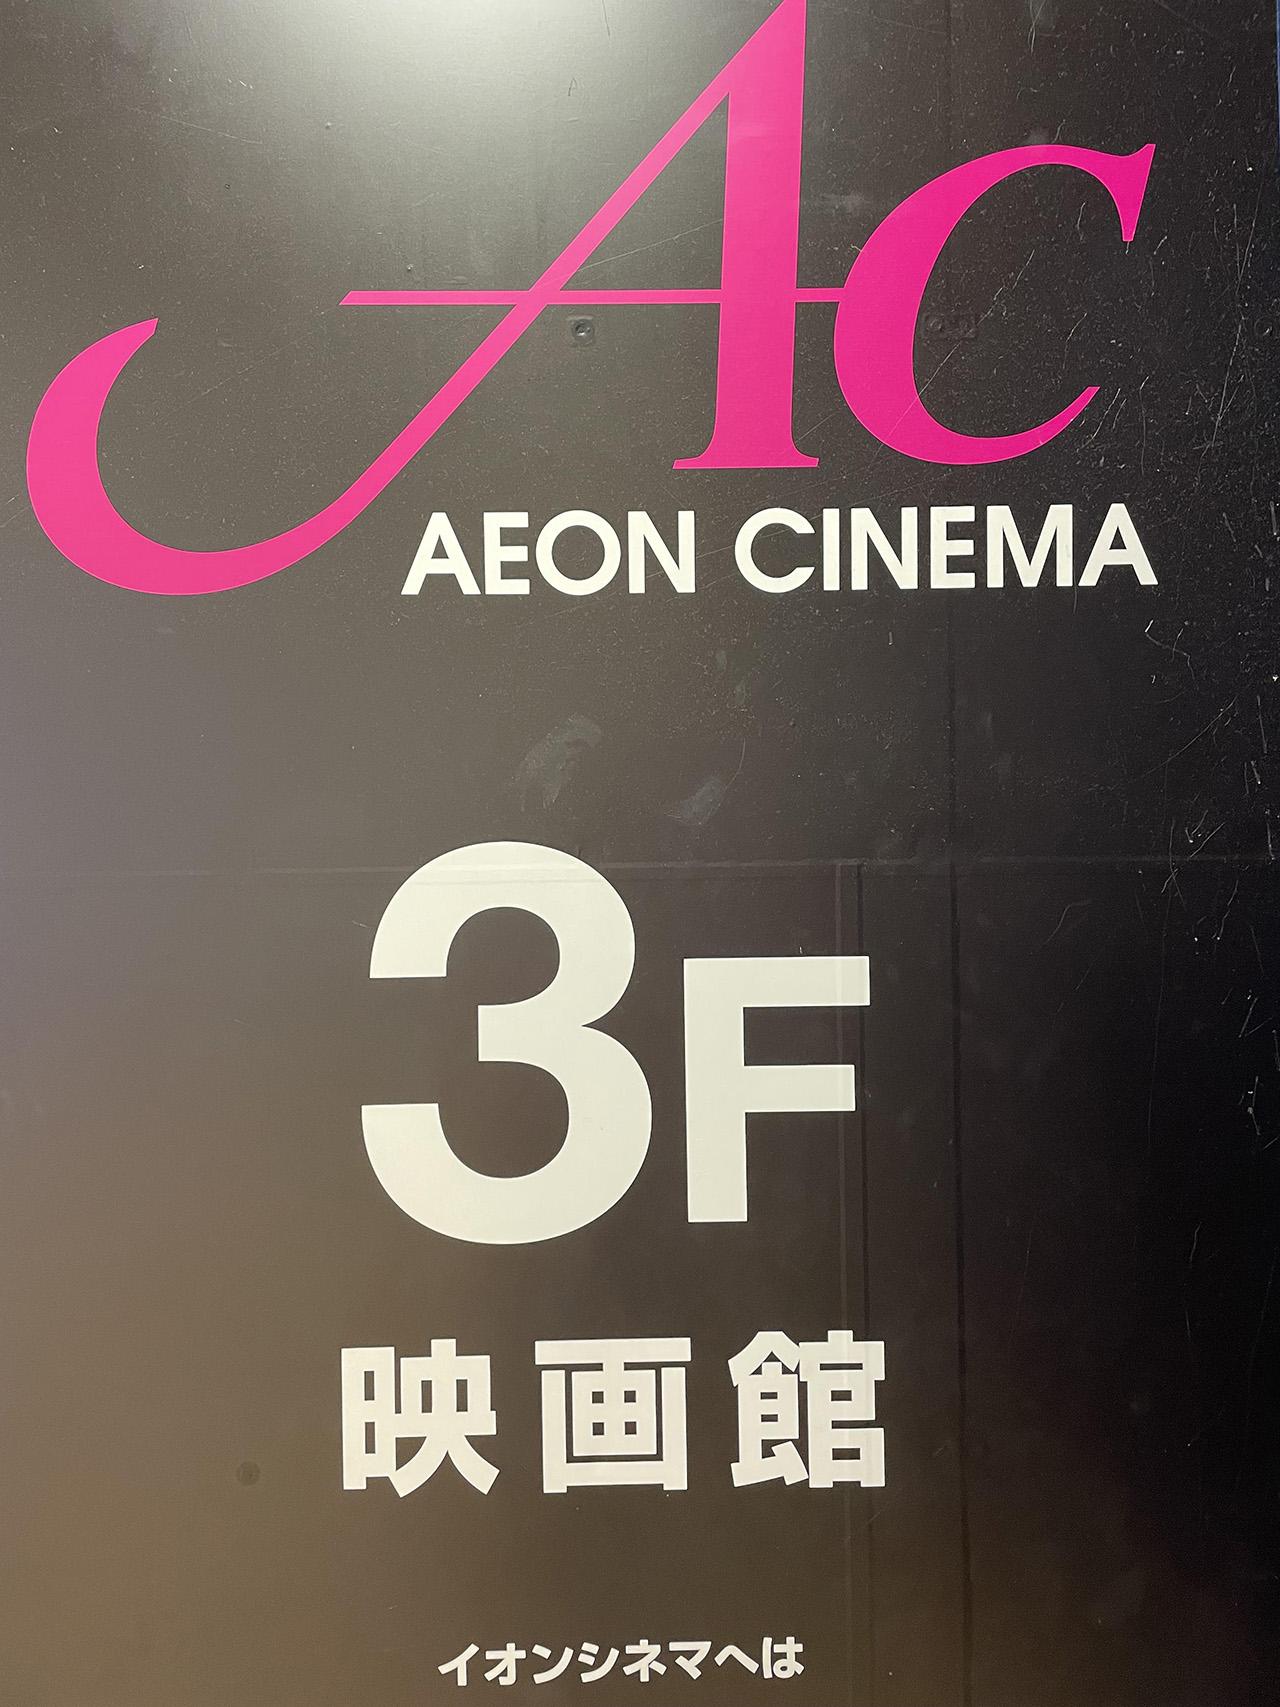 AEON CINEMA(イオンシネマ)市川妙典の画像